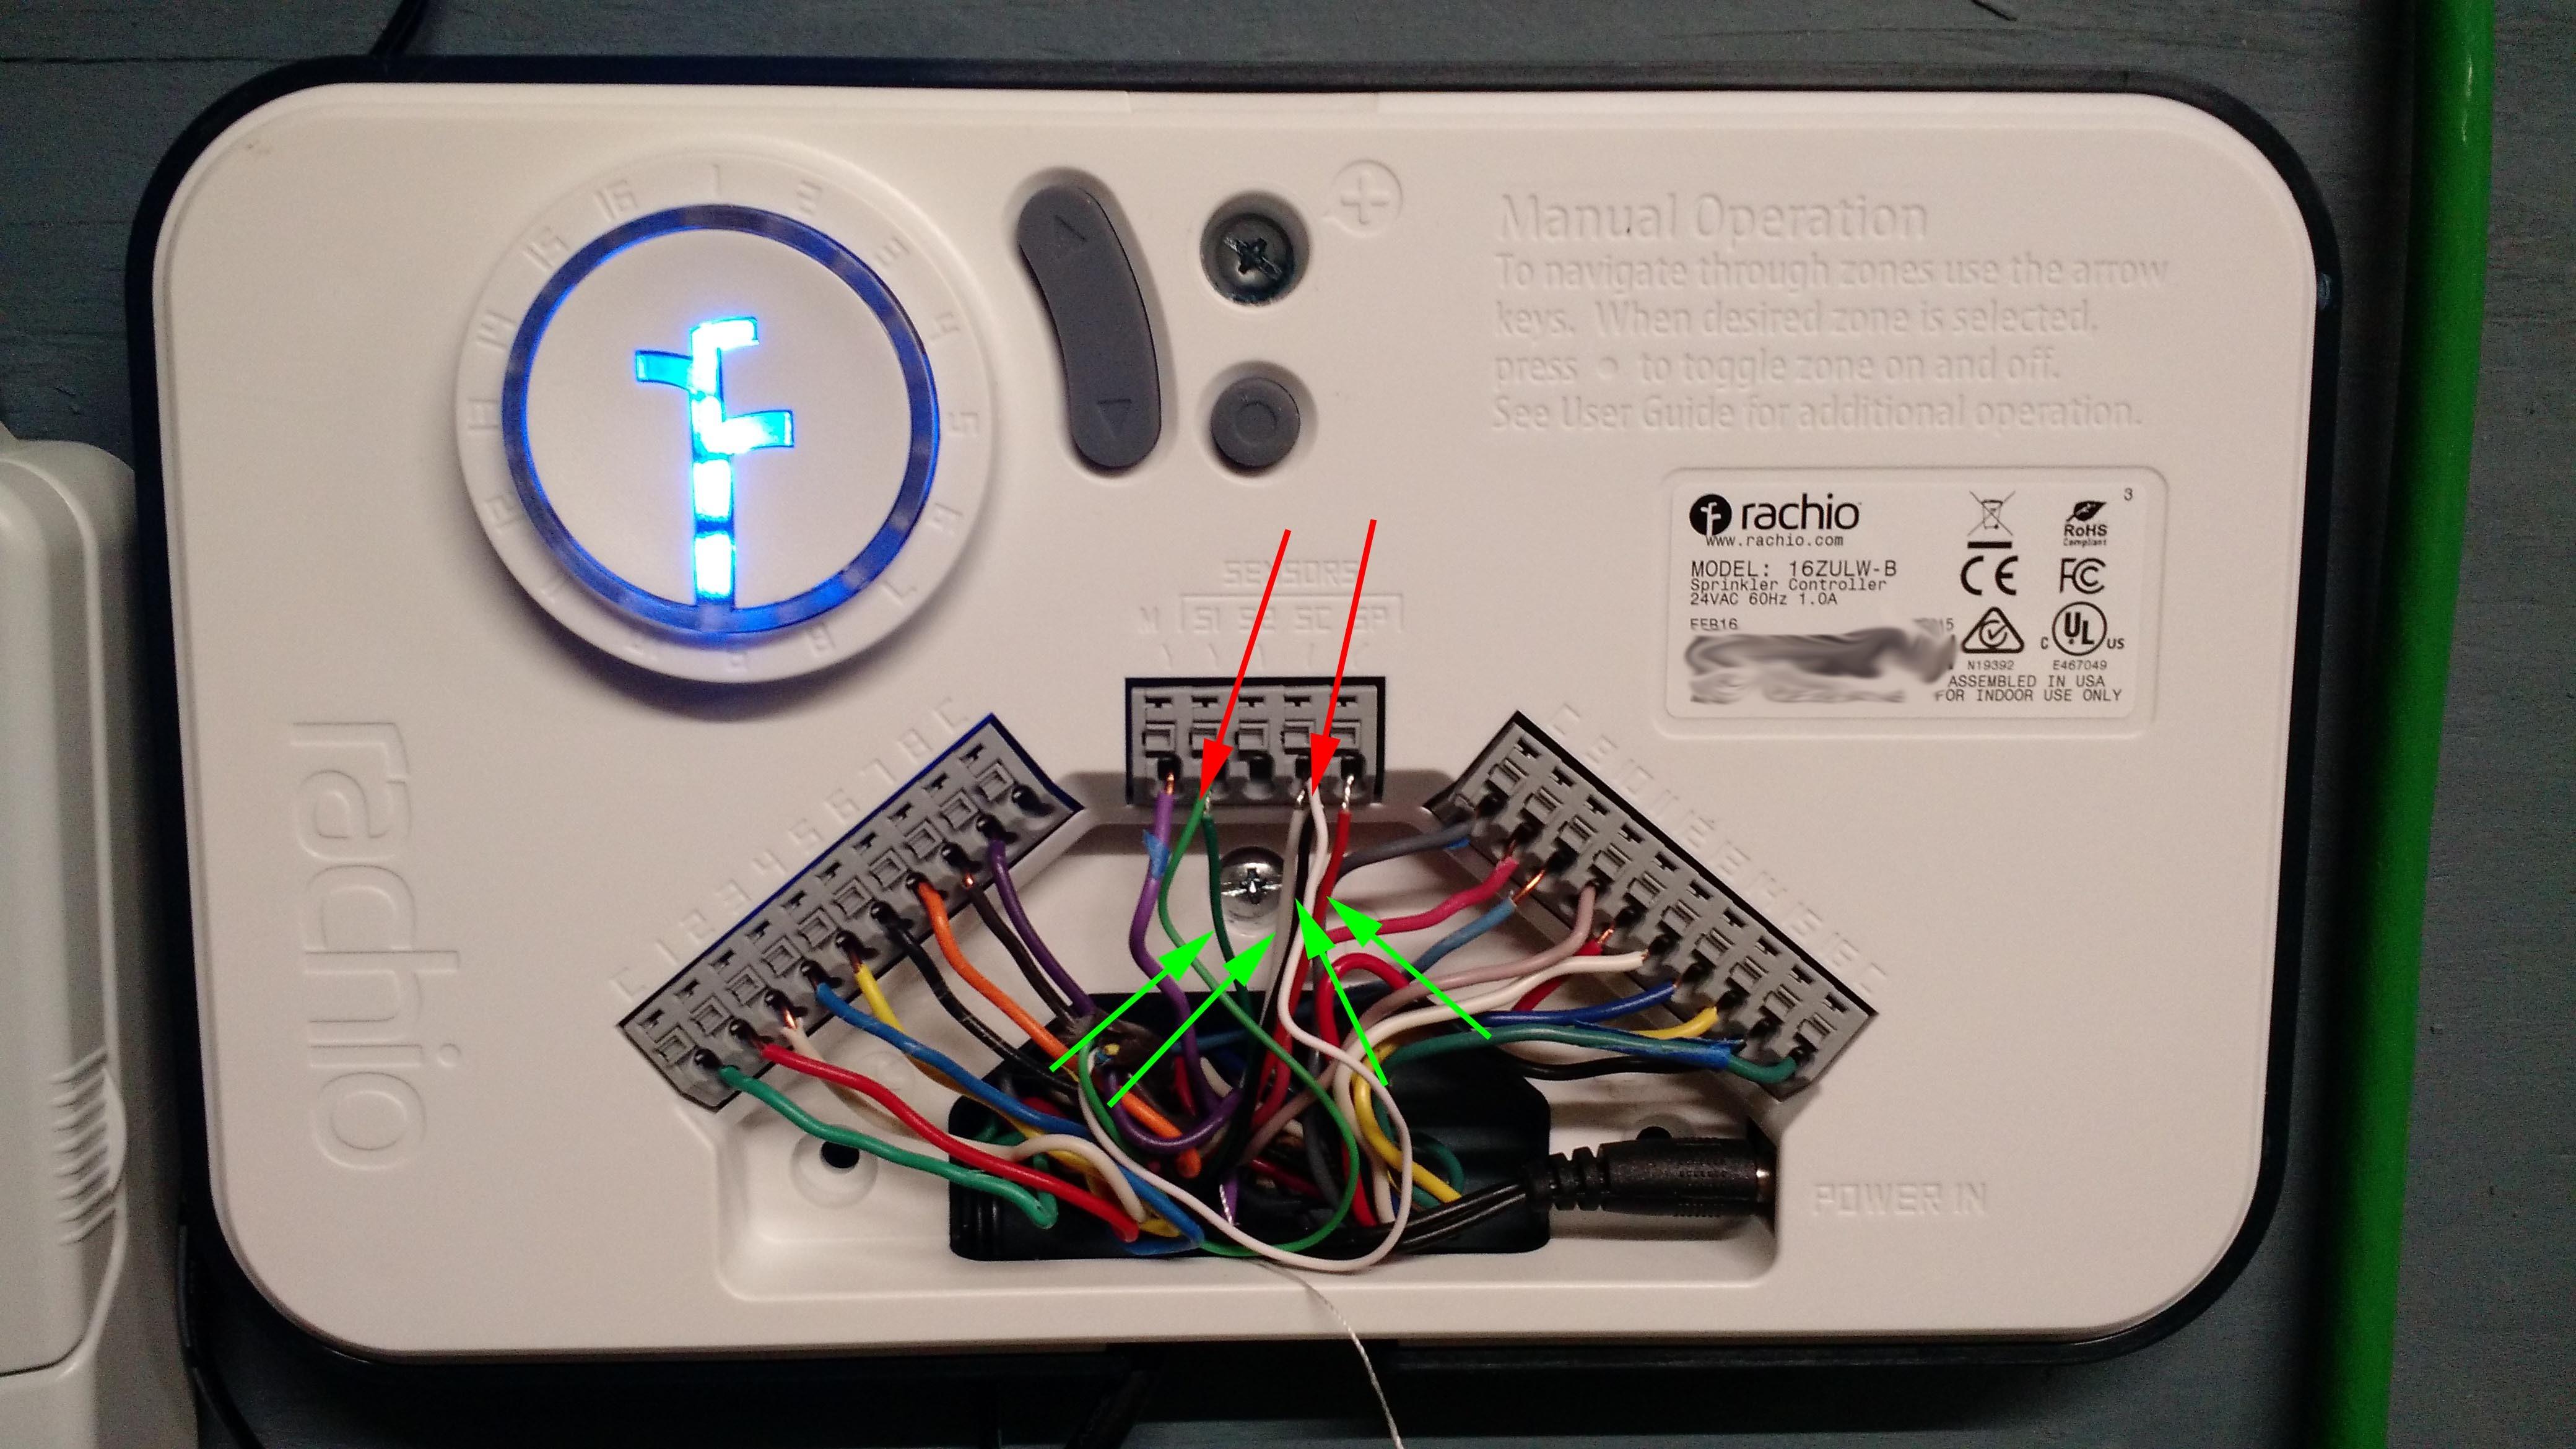 intermatic sprinkler timer wiring diagram 1997 ford f150 xlt stereo for 120v